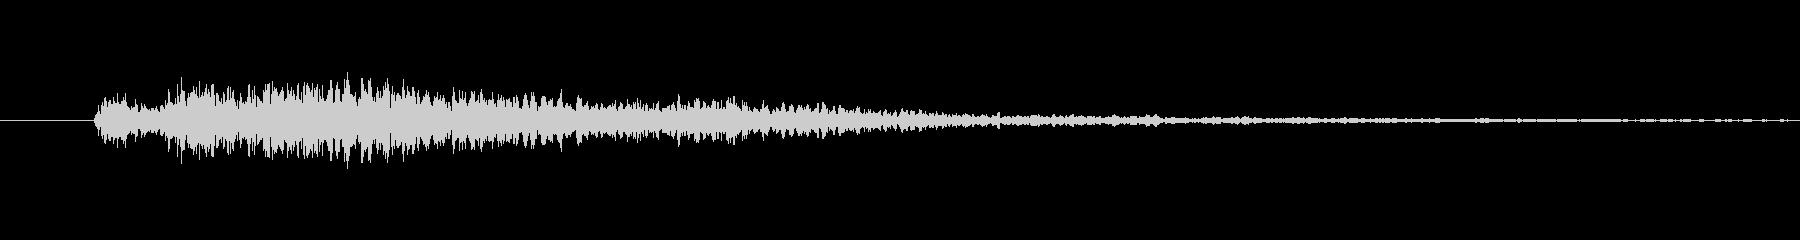 モンスターの鳴き声(高)の未再生の波形